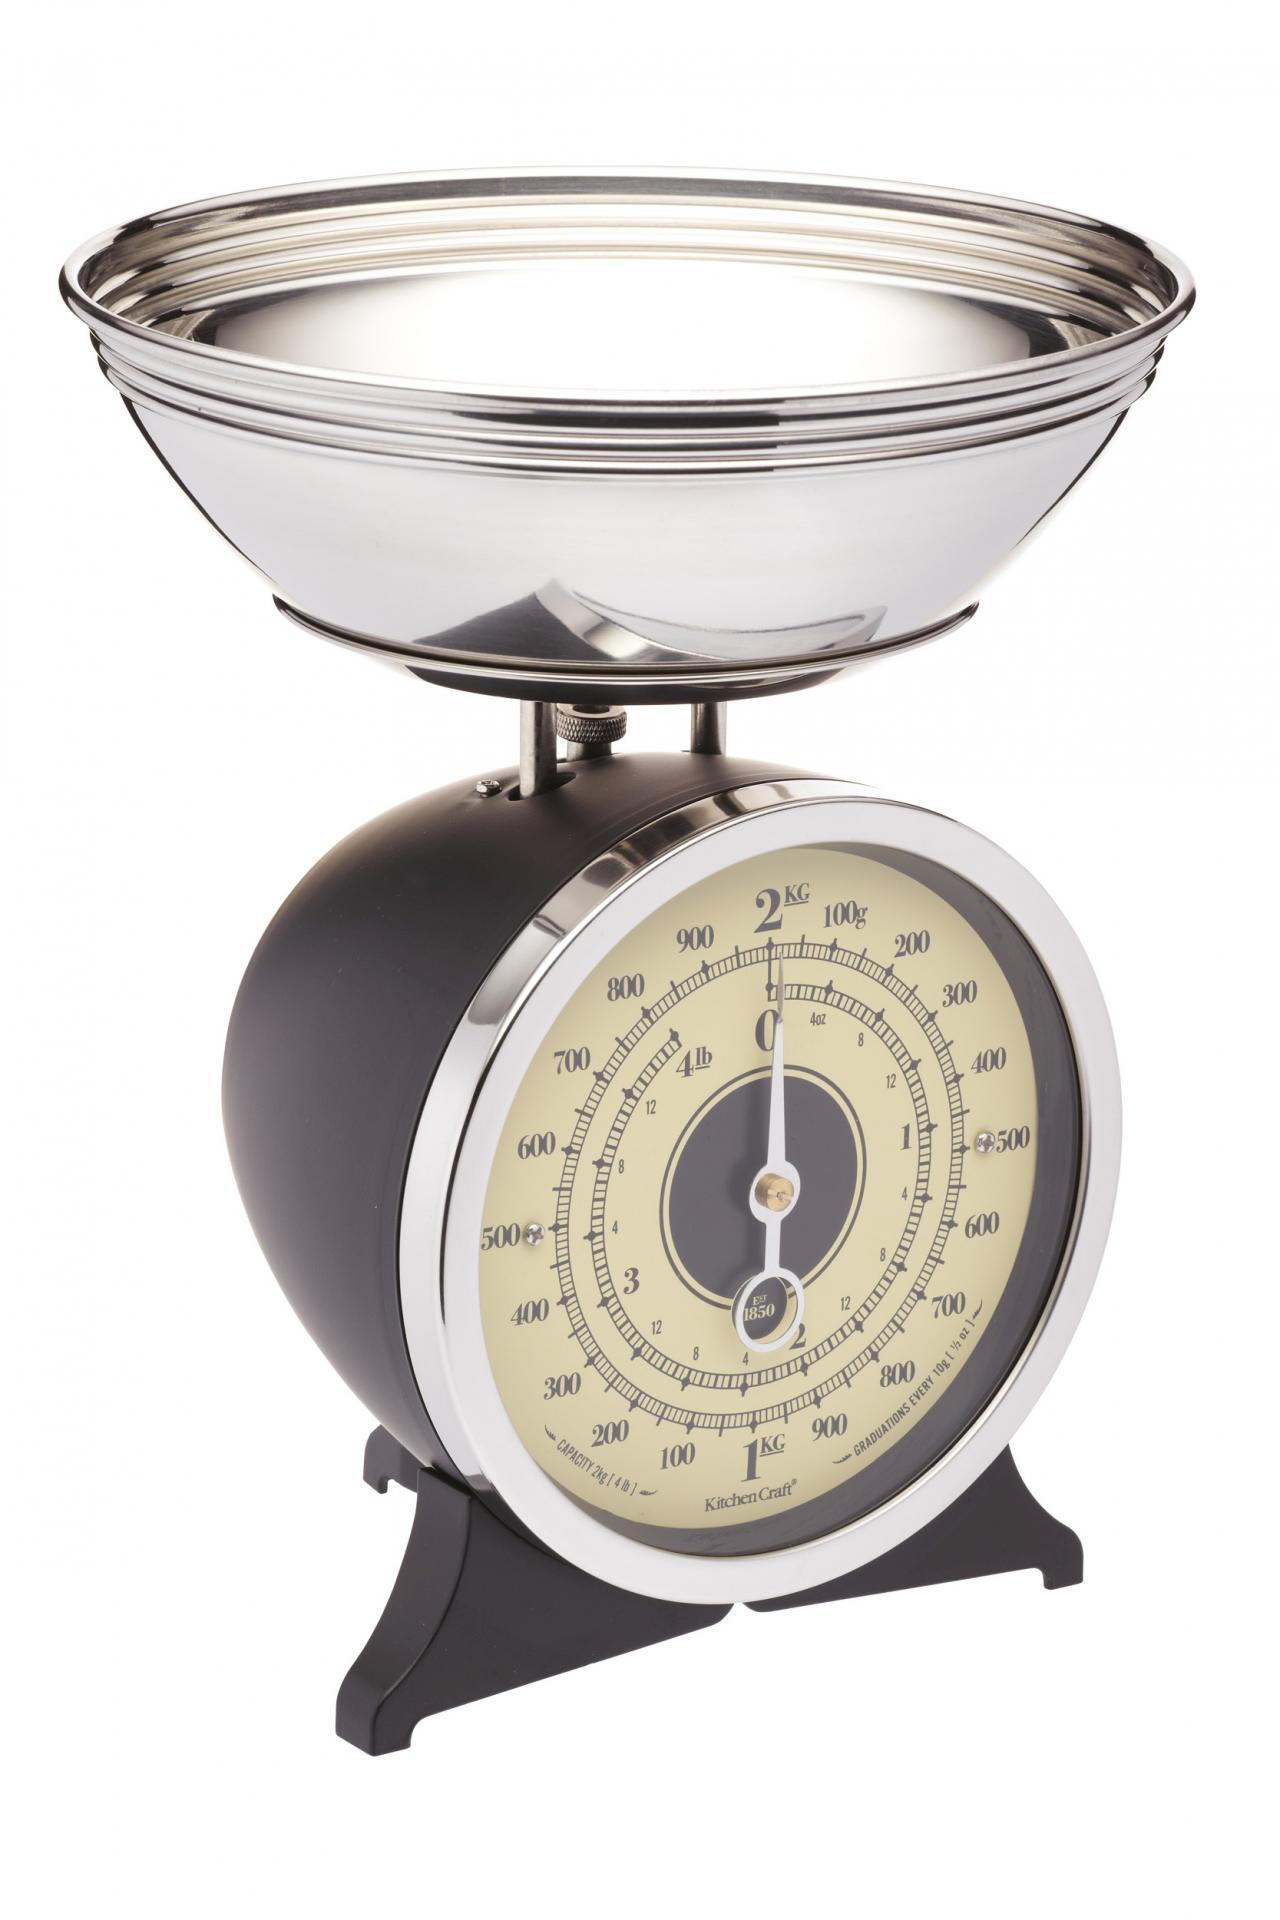 Kitchen Craft Mechanická kuchyňská váha Black - 2 kg, černá barva, kov